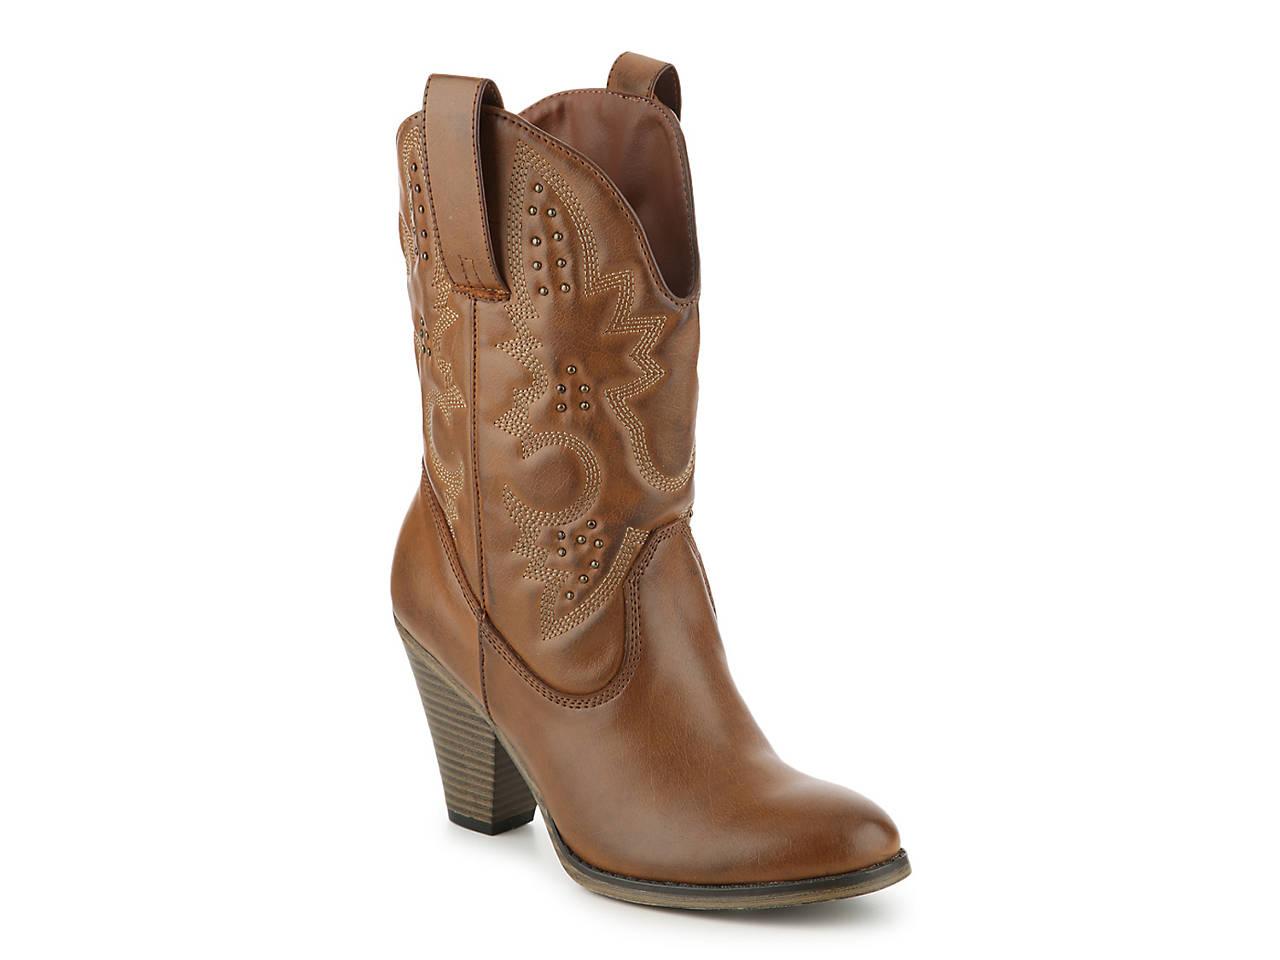 c7ebc6a0c9e Tarrah Cowboy Boot